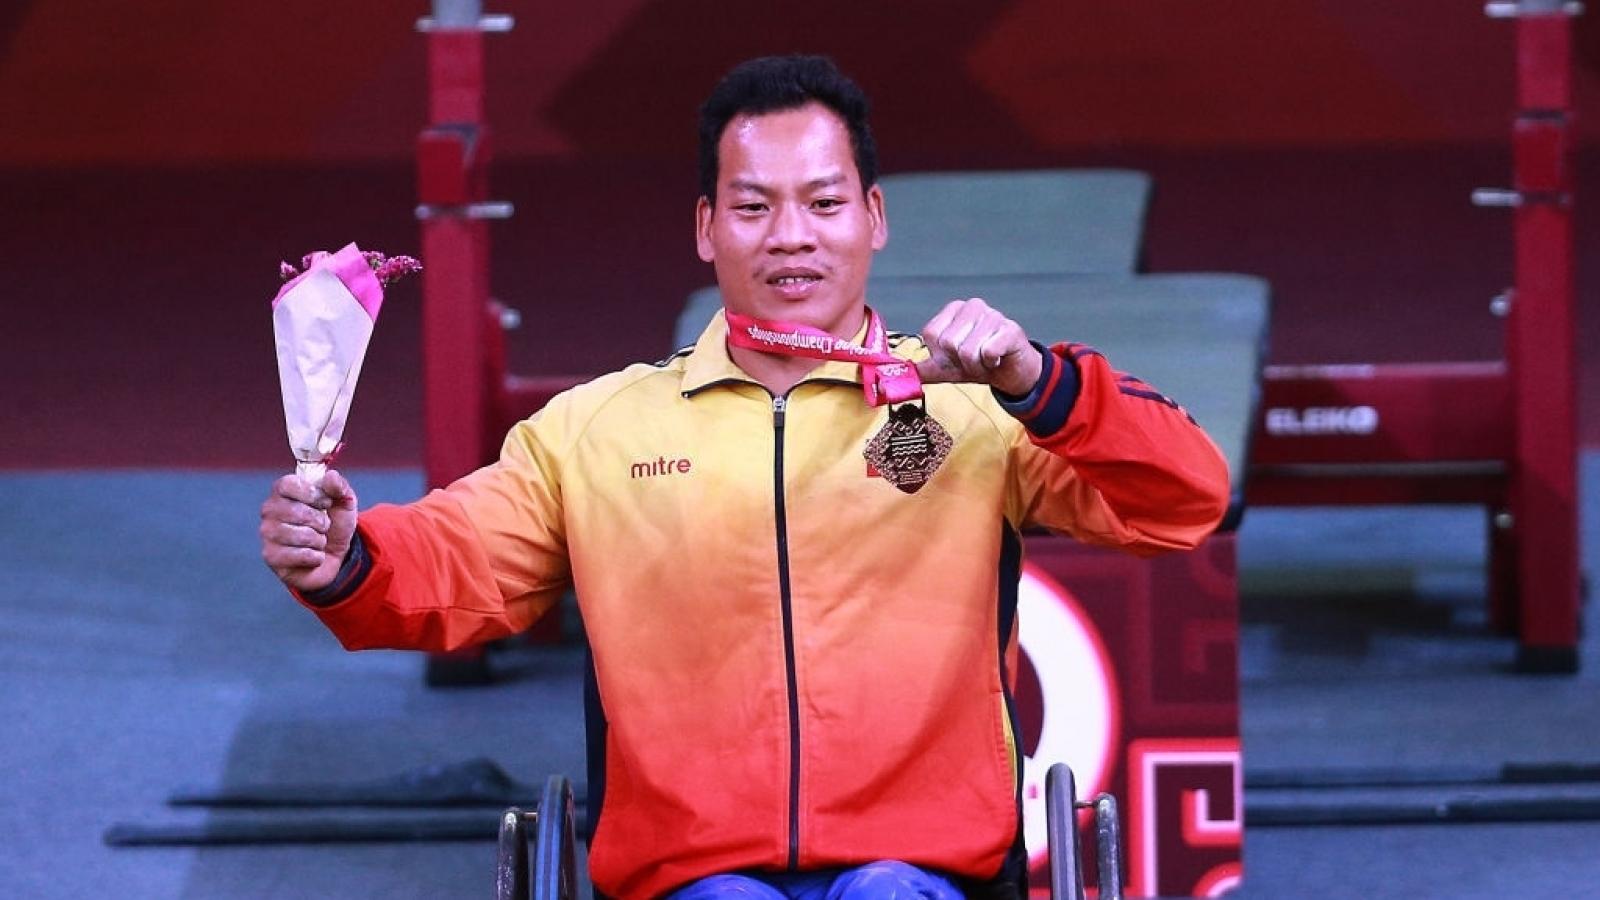 VĐV Lê Văn Công giành HCB cử tạ Paralympic Tokyo 2020